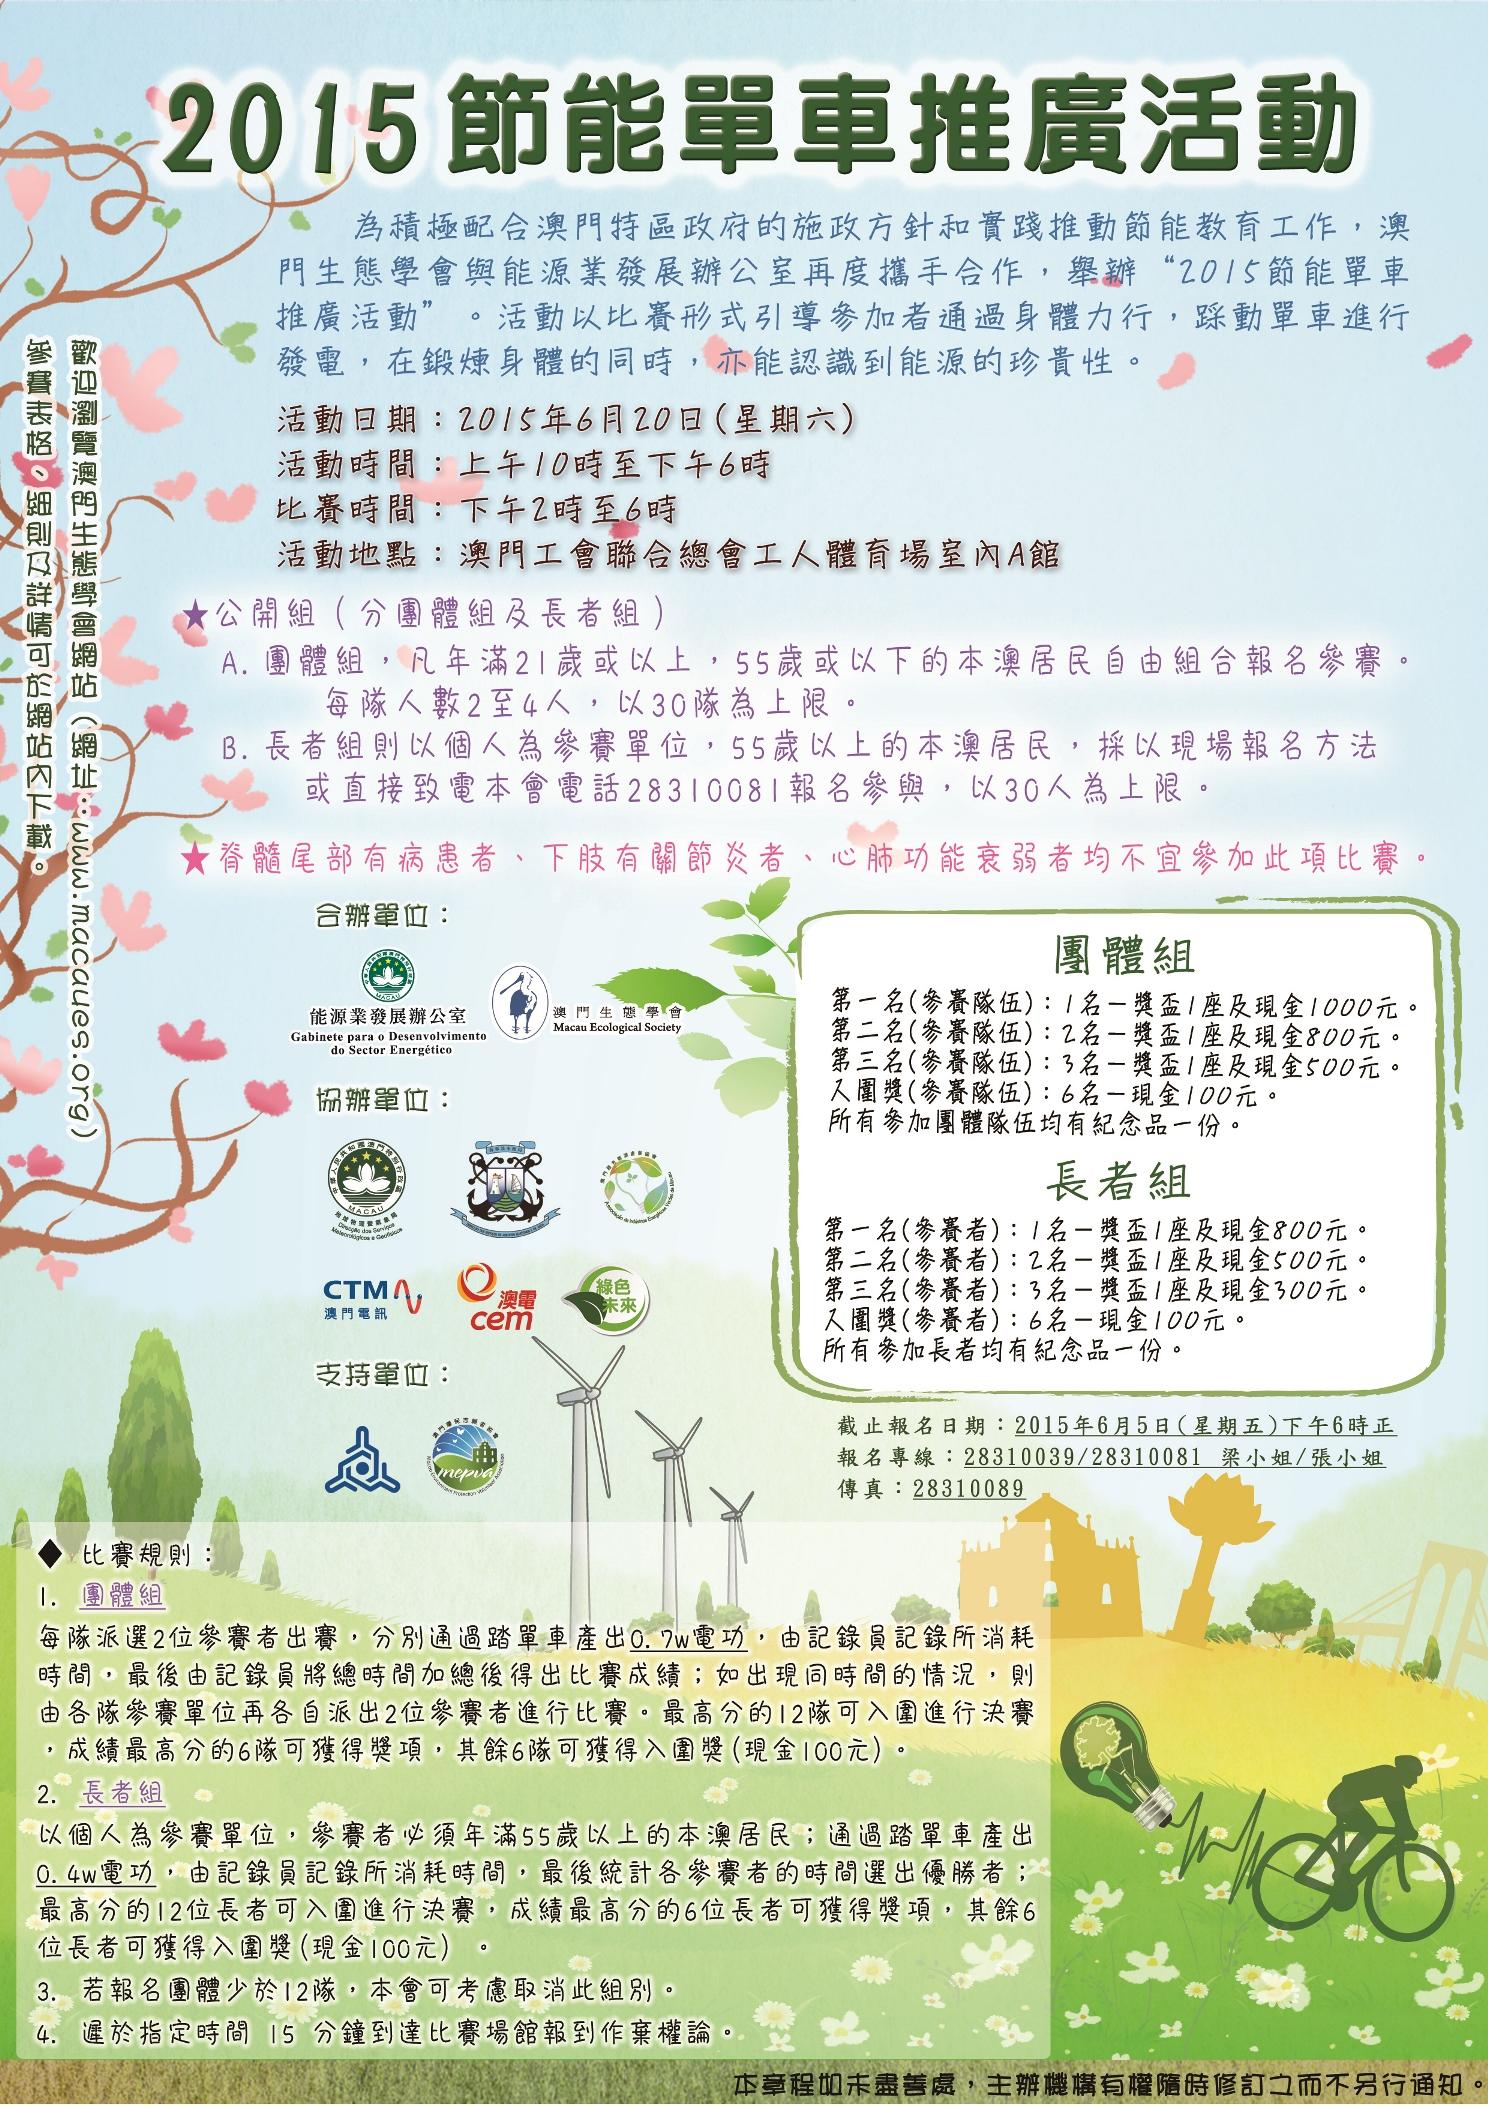 2015(公開組)海報2